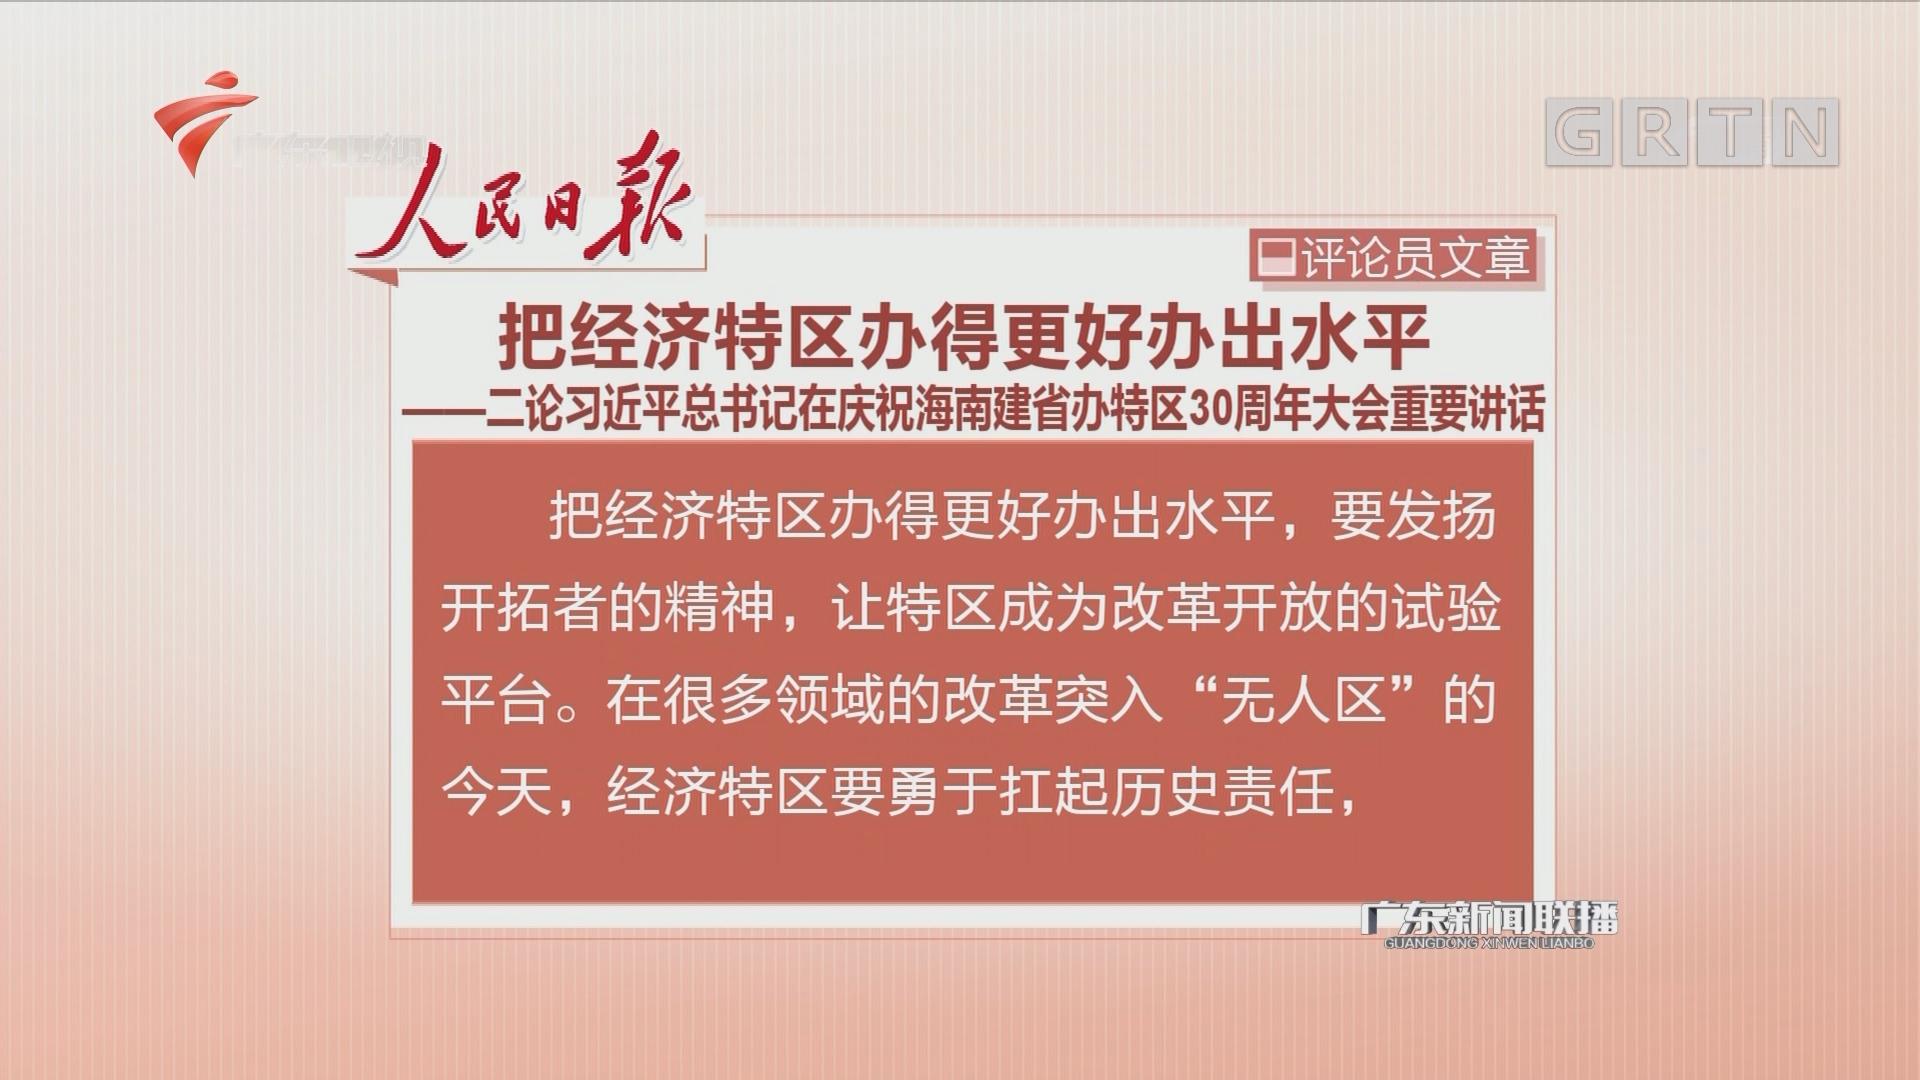 人民日报:把经济特区办得更好办出水平——二论习近平总书记在庆祝海南建省办特区30周年大会重要讲话